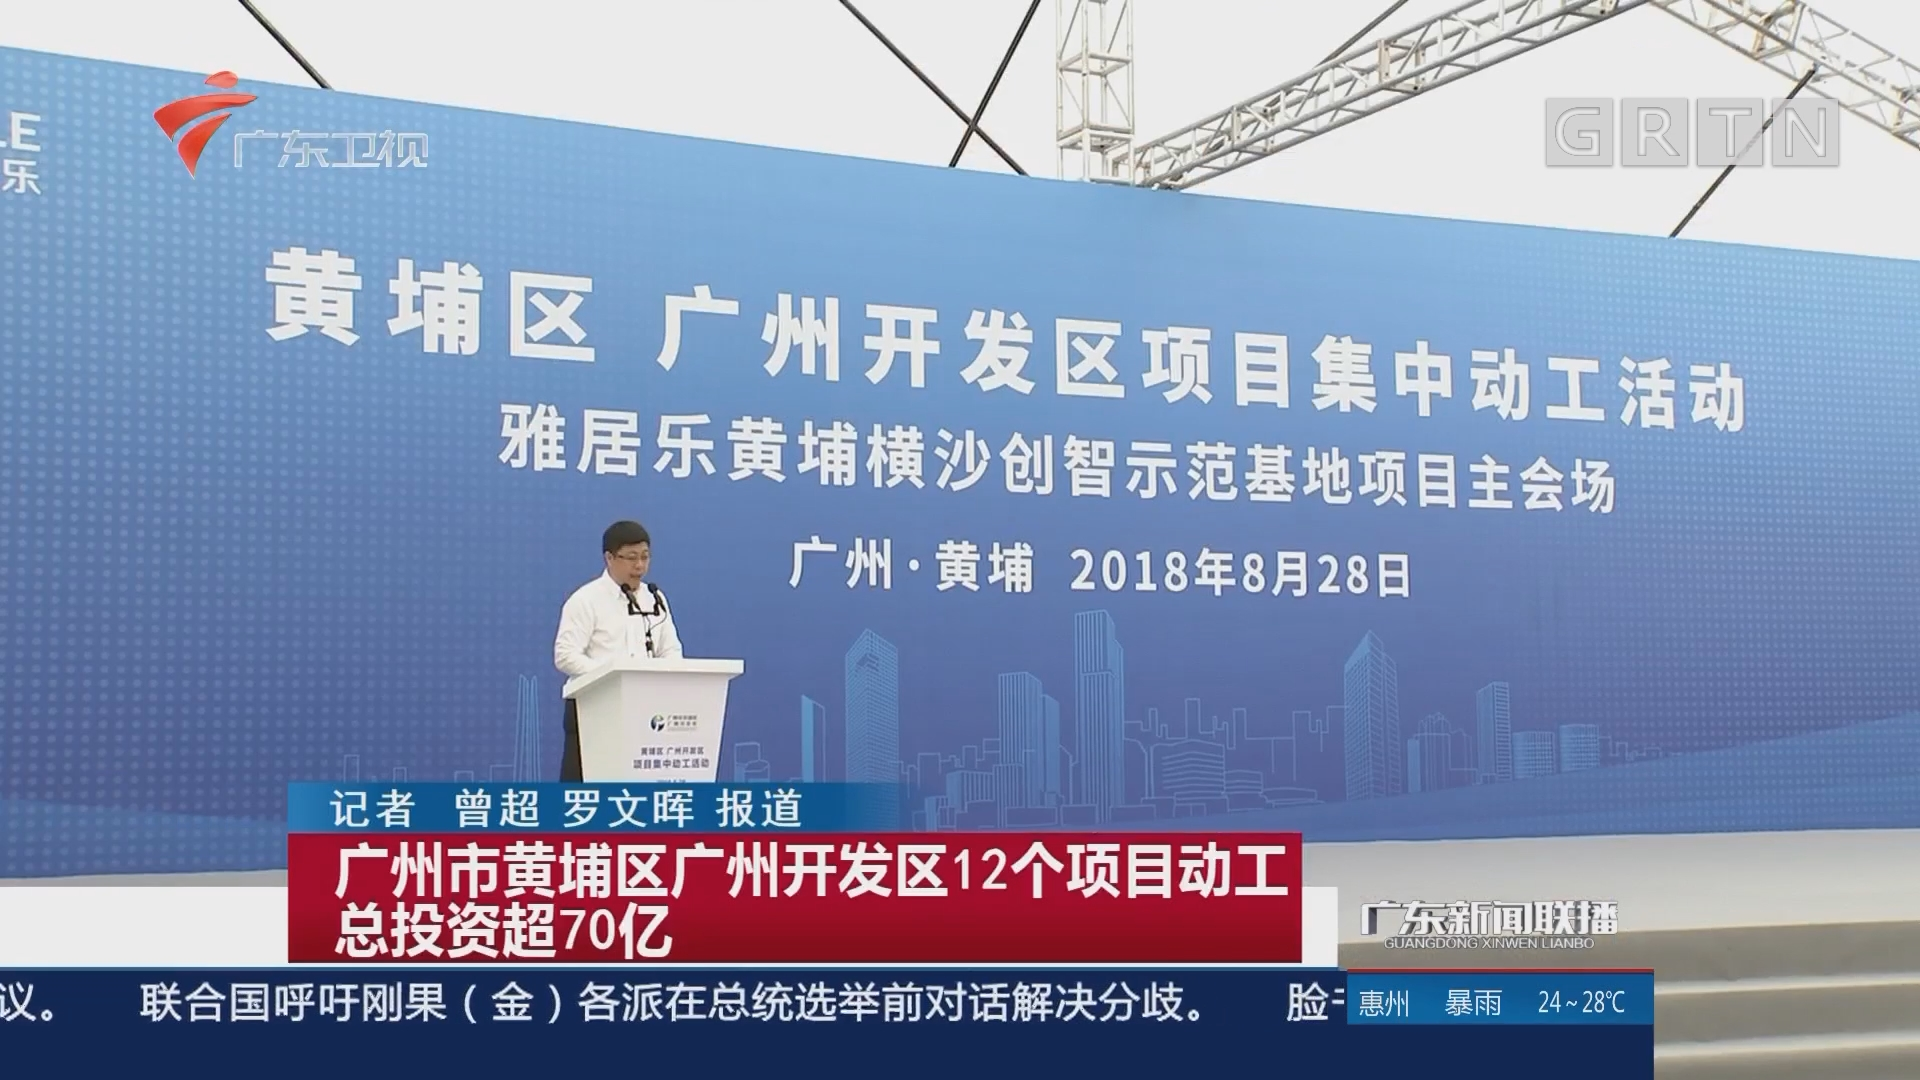 广州市黄埔区广州开发区12个项目动工 总投资超70亿